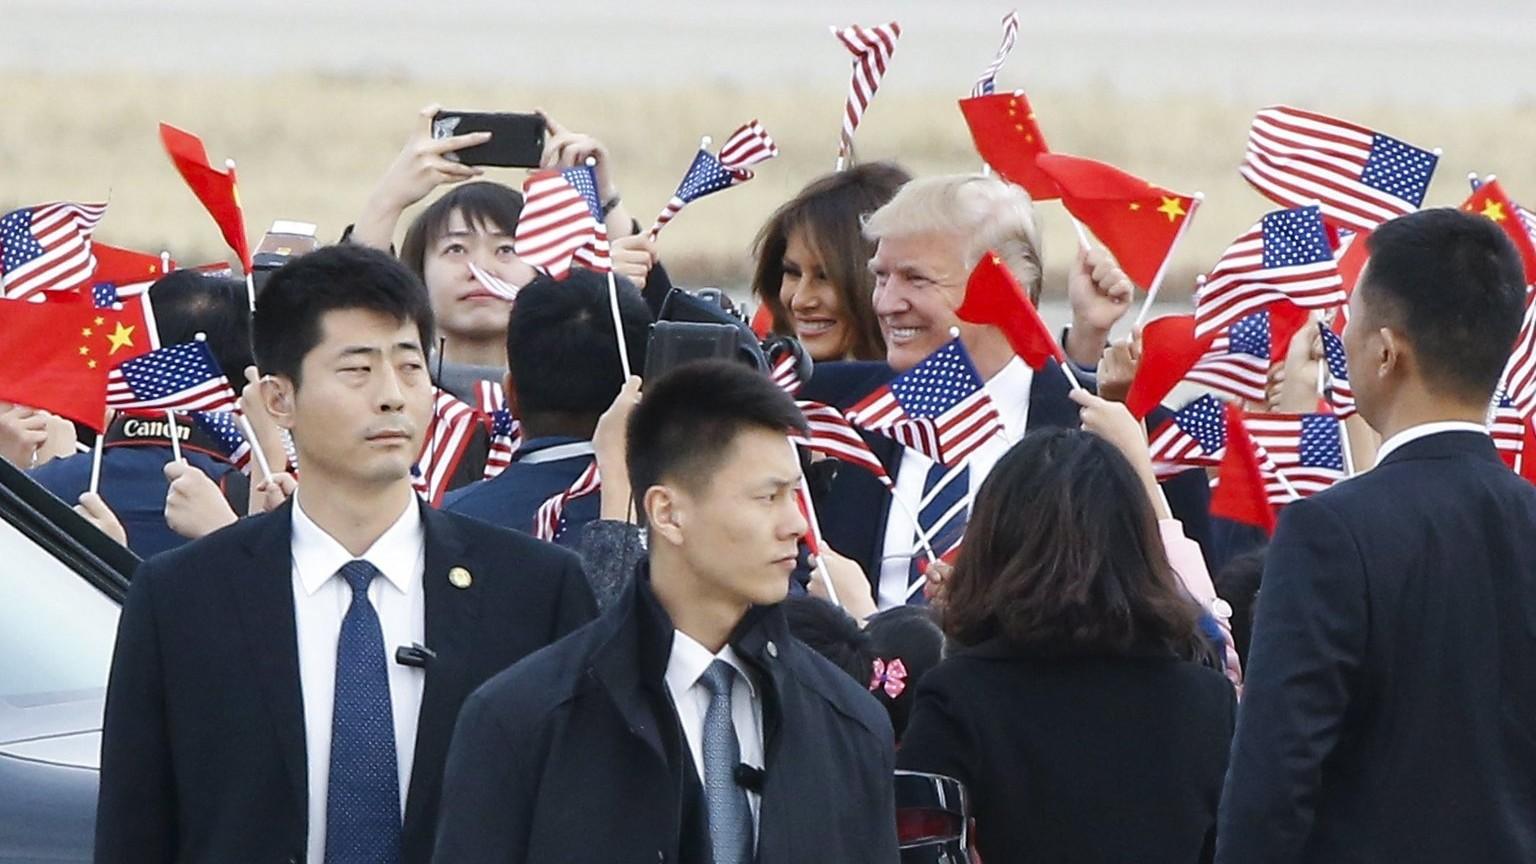 Amerikai zászlókkal köszöntik Donald Trump amerikai elnököt és nejét, Melania Trumpot a pekingi repülőtéren 2017. november 8-án (Fotó: MTI/EPApool/Thomas Peter)